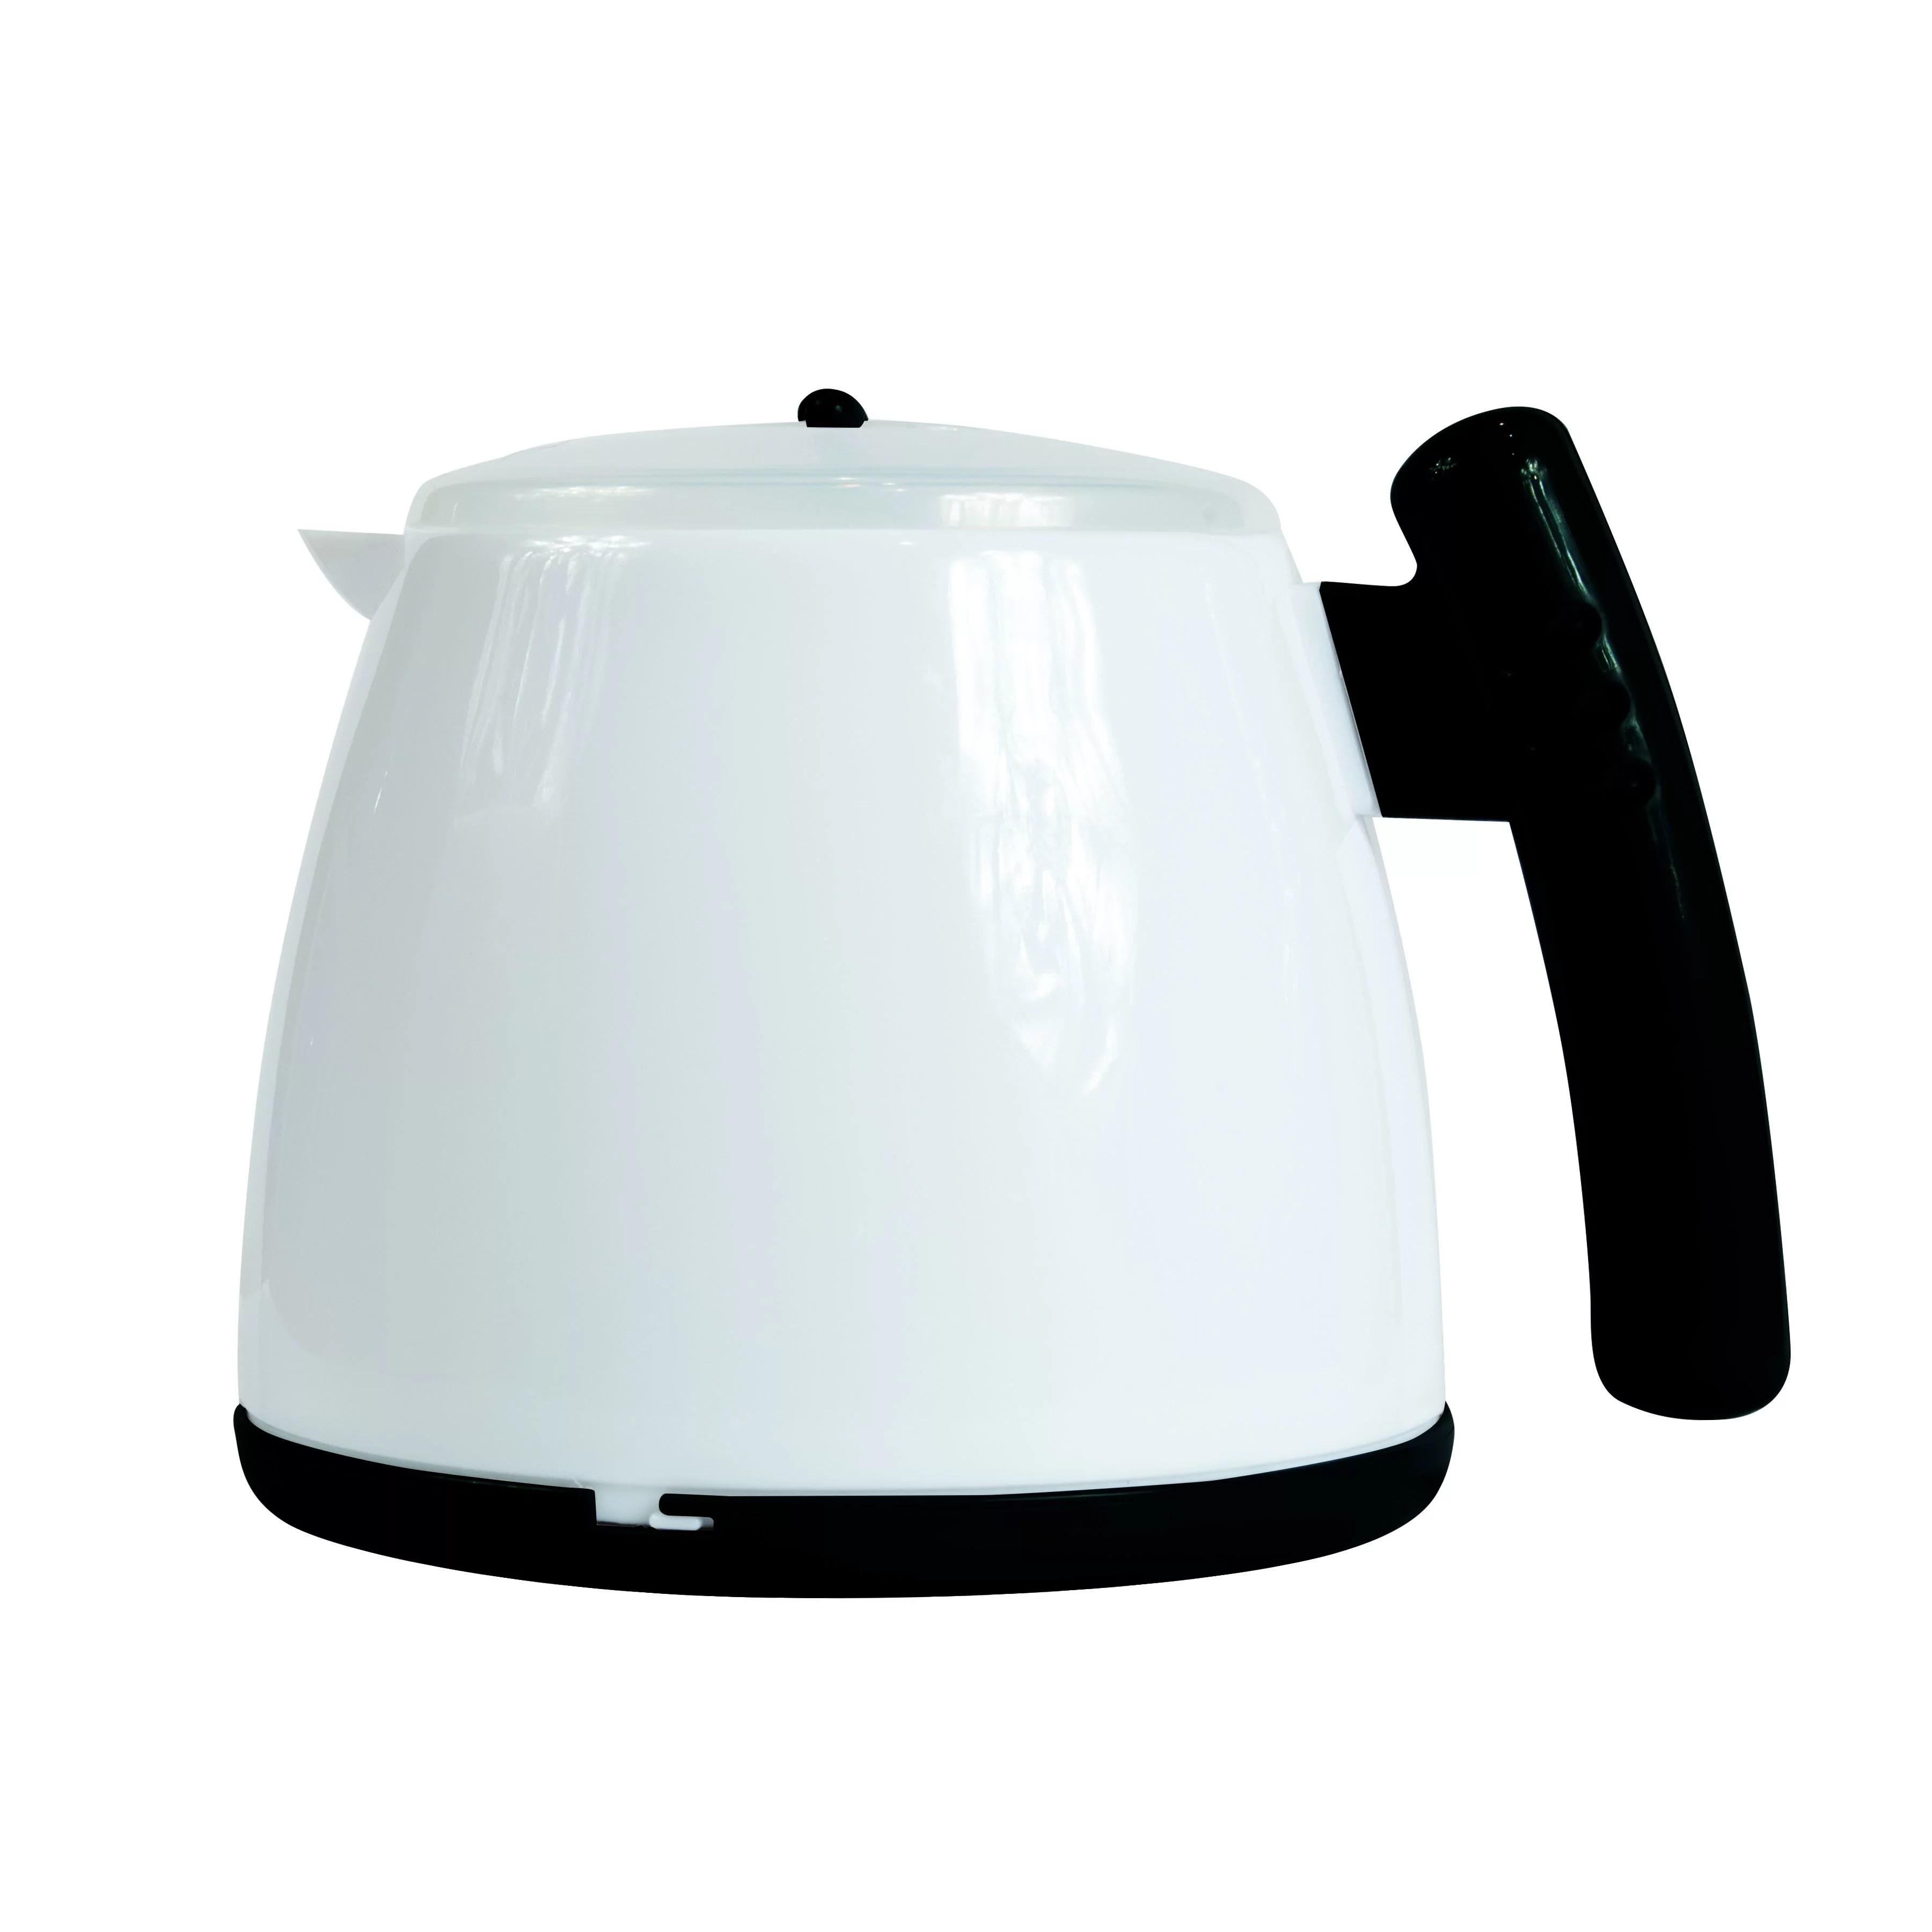 handy gourmet microwave tea kettle